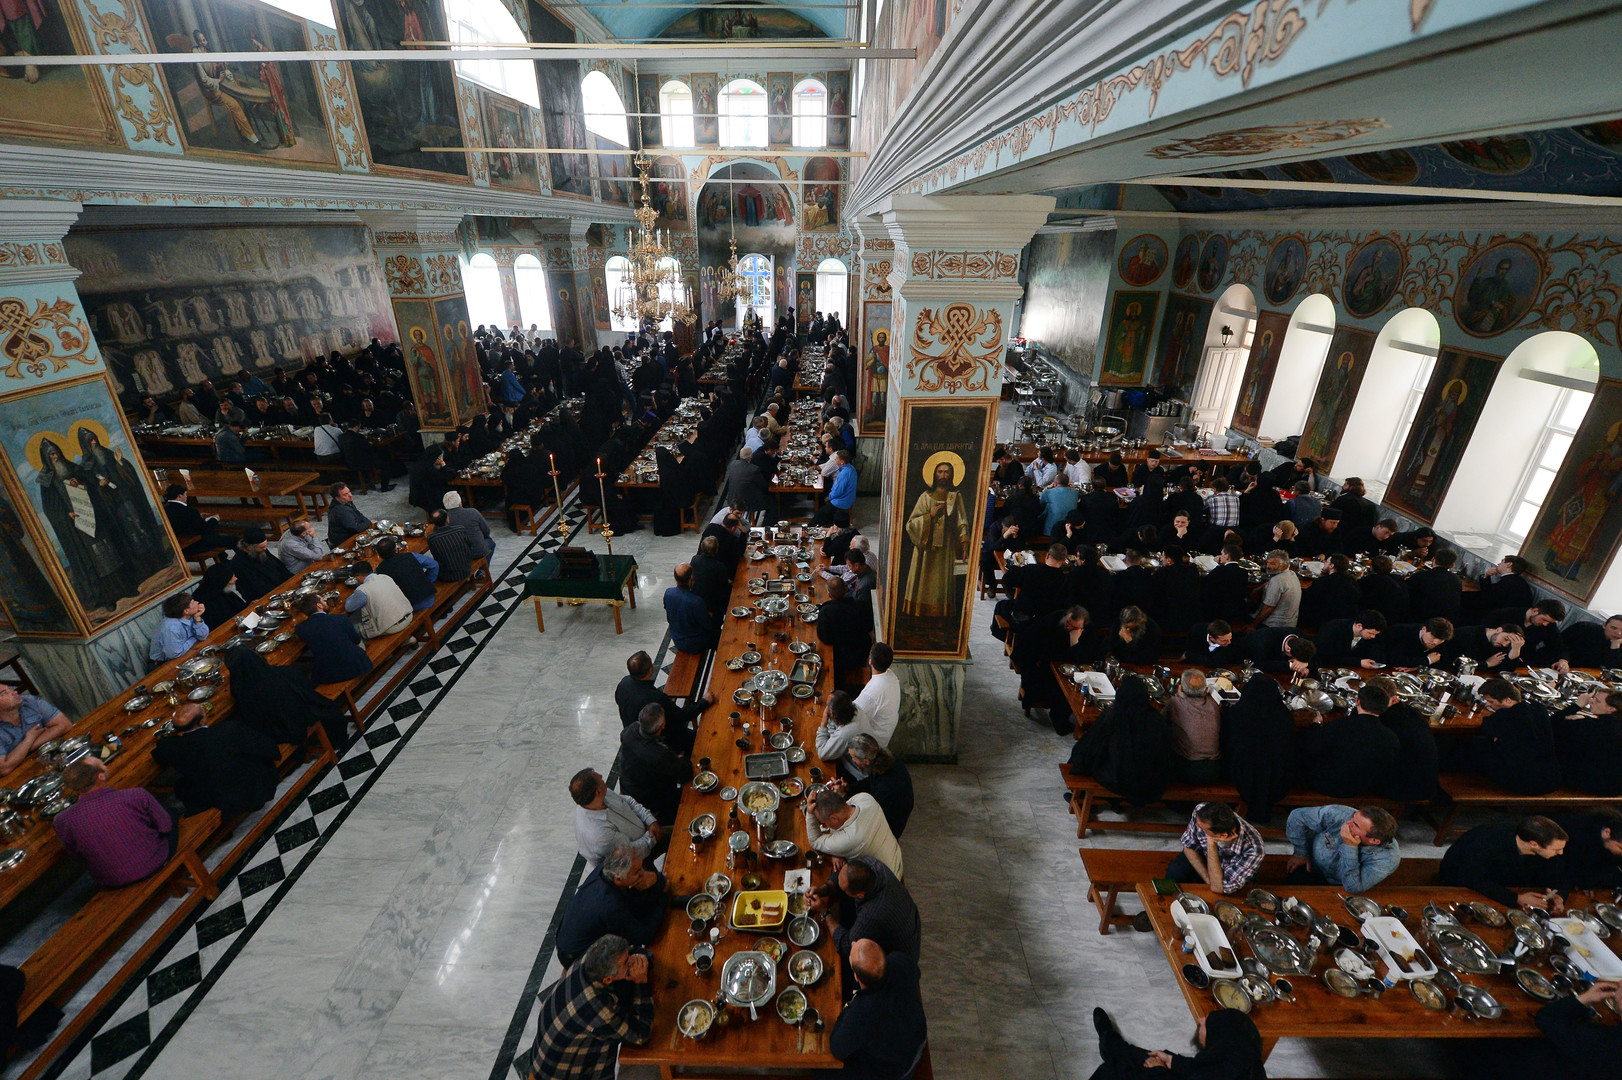 Die Gläubigen während der göttlichen Liturgie im Pokrow-Dom im St. Panteleimon Kloster auf dem Heiligen Berg Athos.